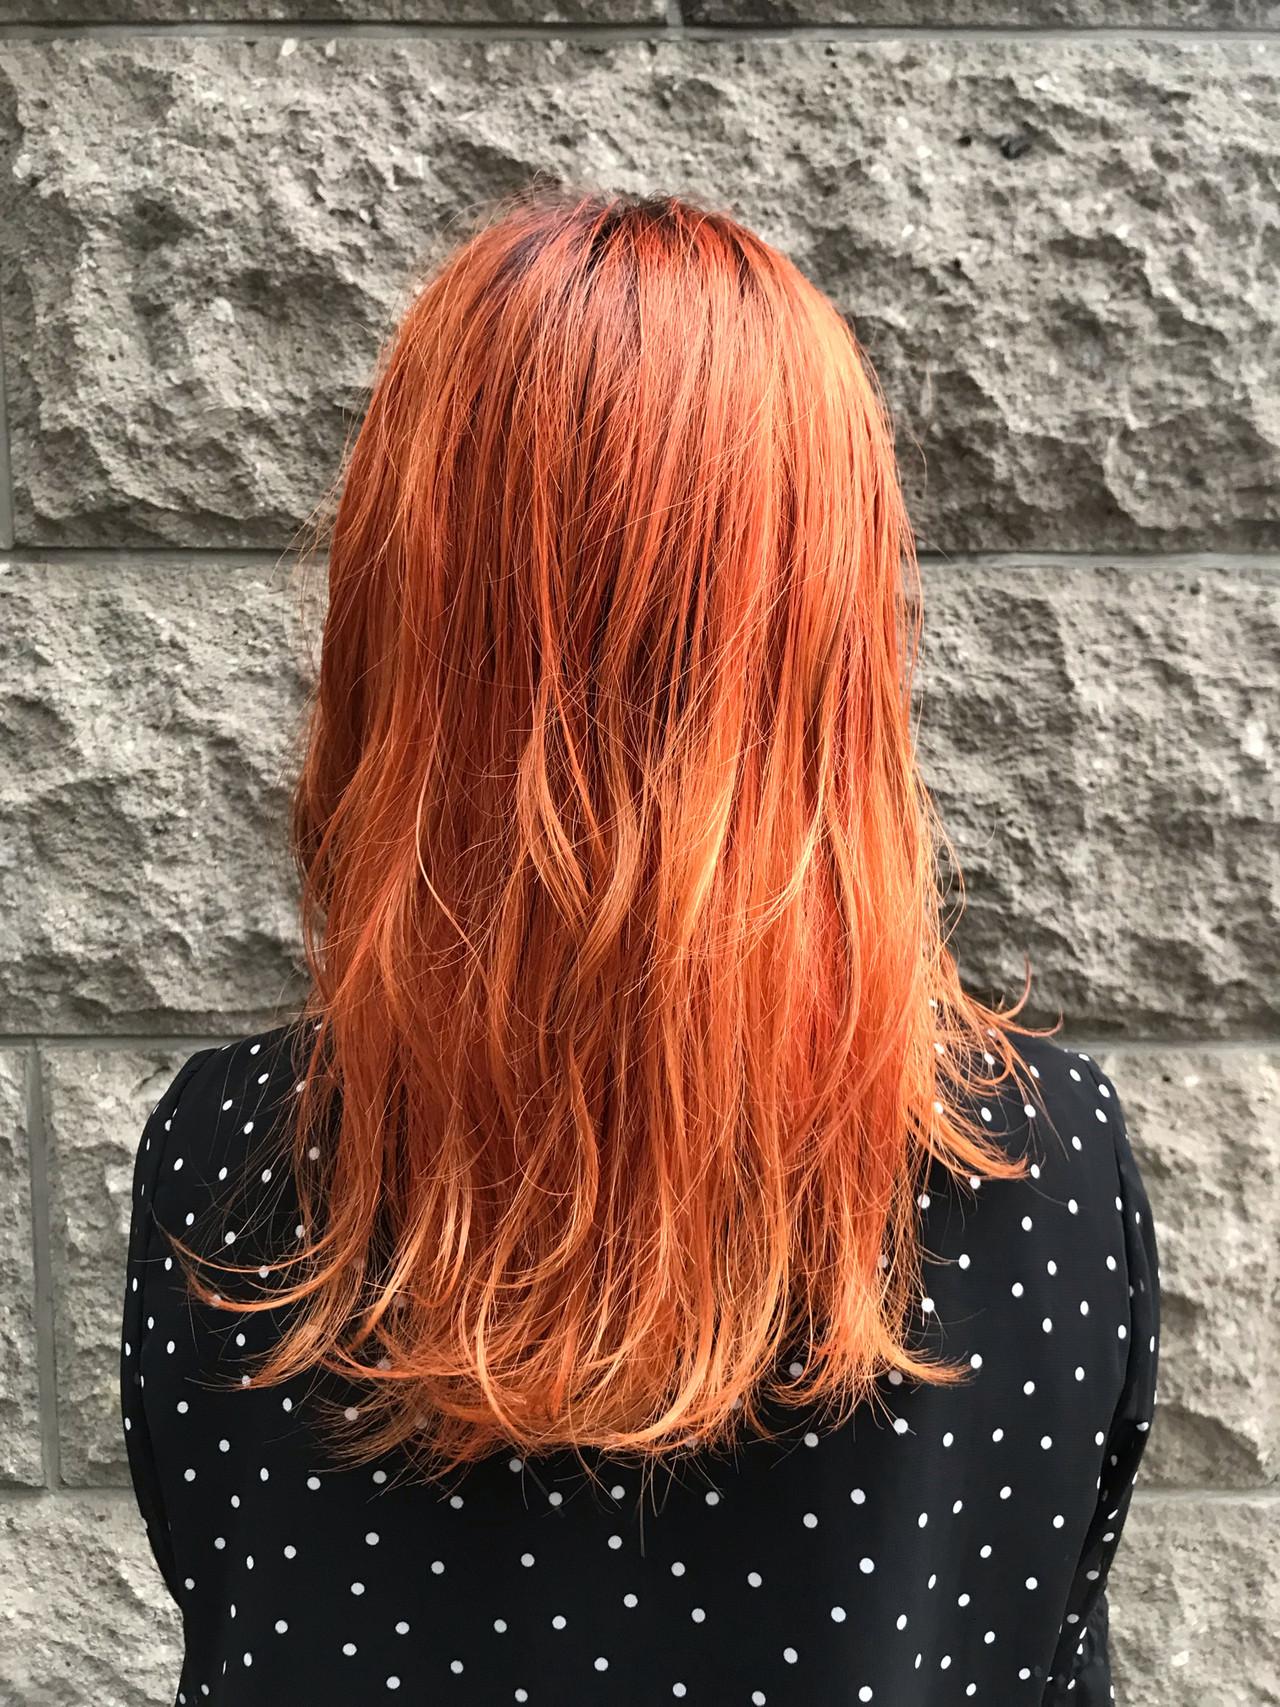 アプリコットオレンジ オレンジ オレンジブラウン オレンジベージュ ヘアスタイルや髪型の写真・画像 | 村井優紀 / FITS CORE フィッツコア